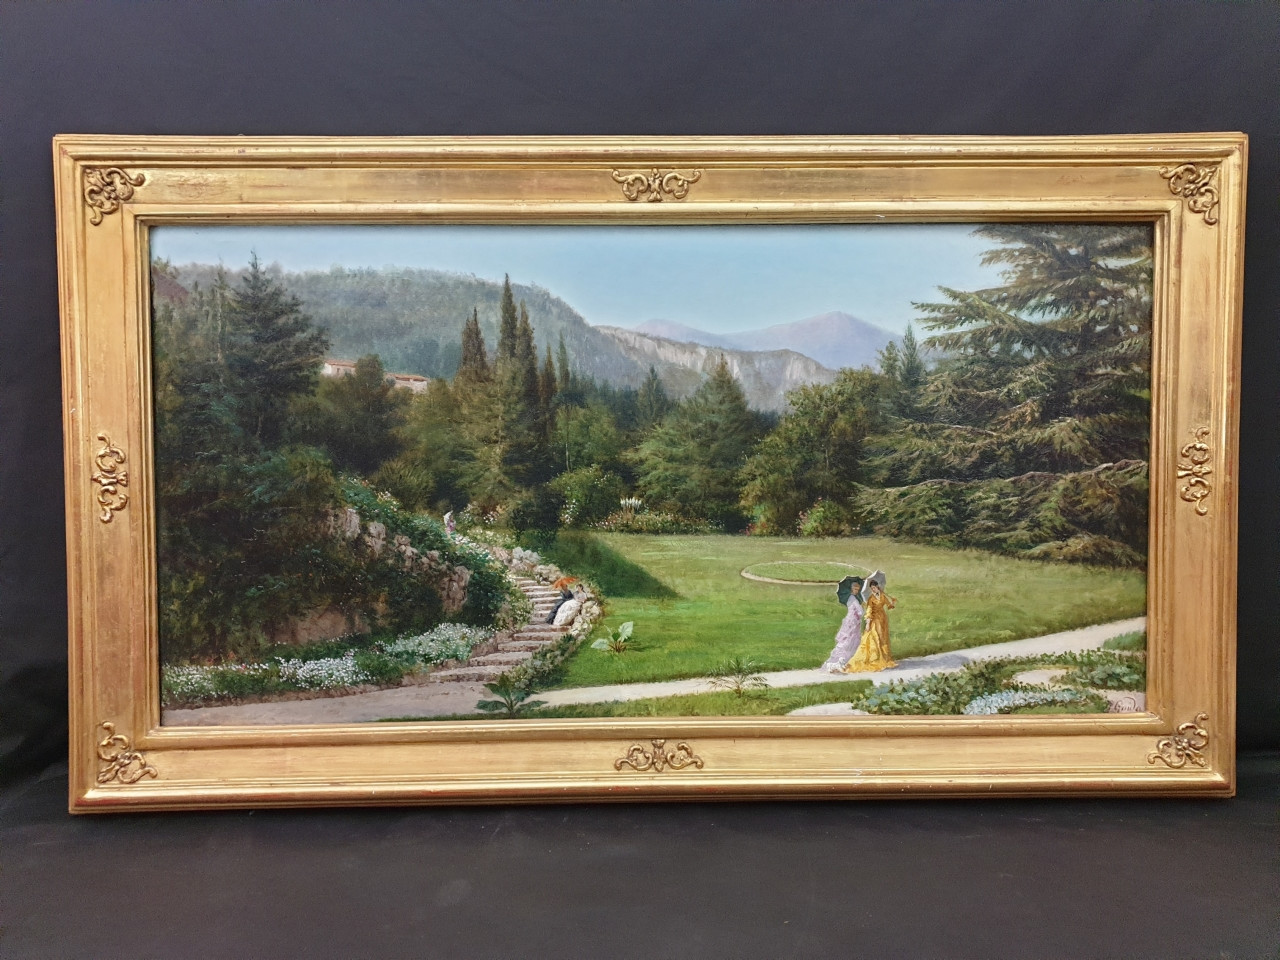 """Dipinto di Giovanni Guida """"Dame a passeggio"""" - Antichità Ioviero"""